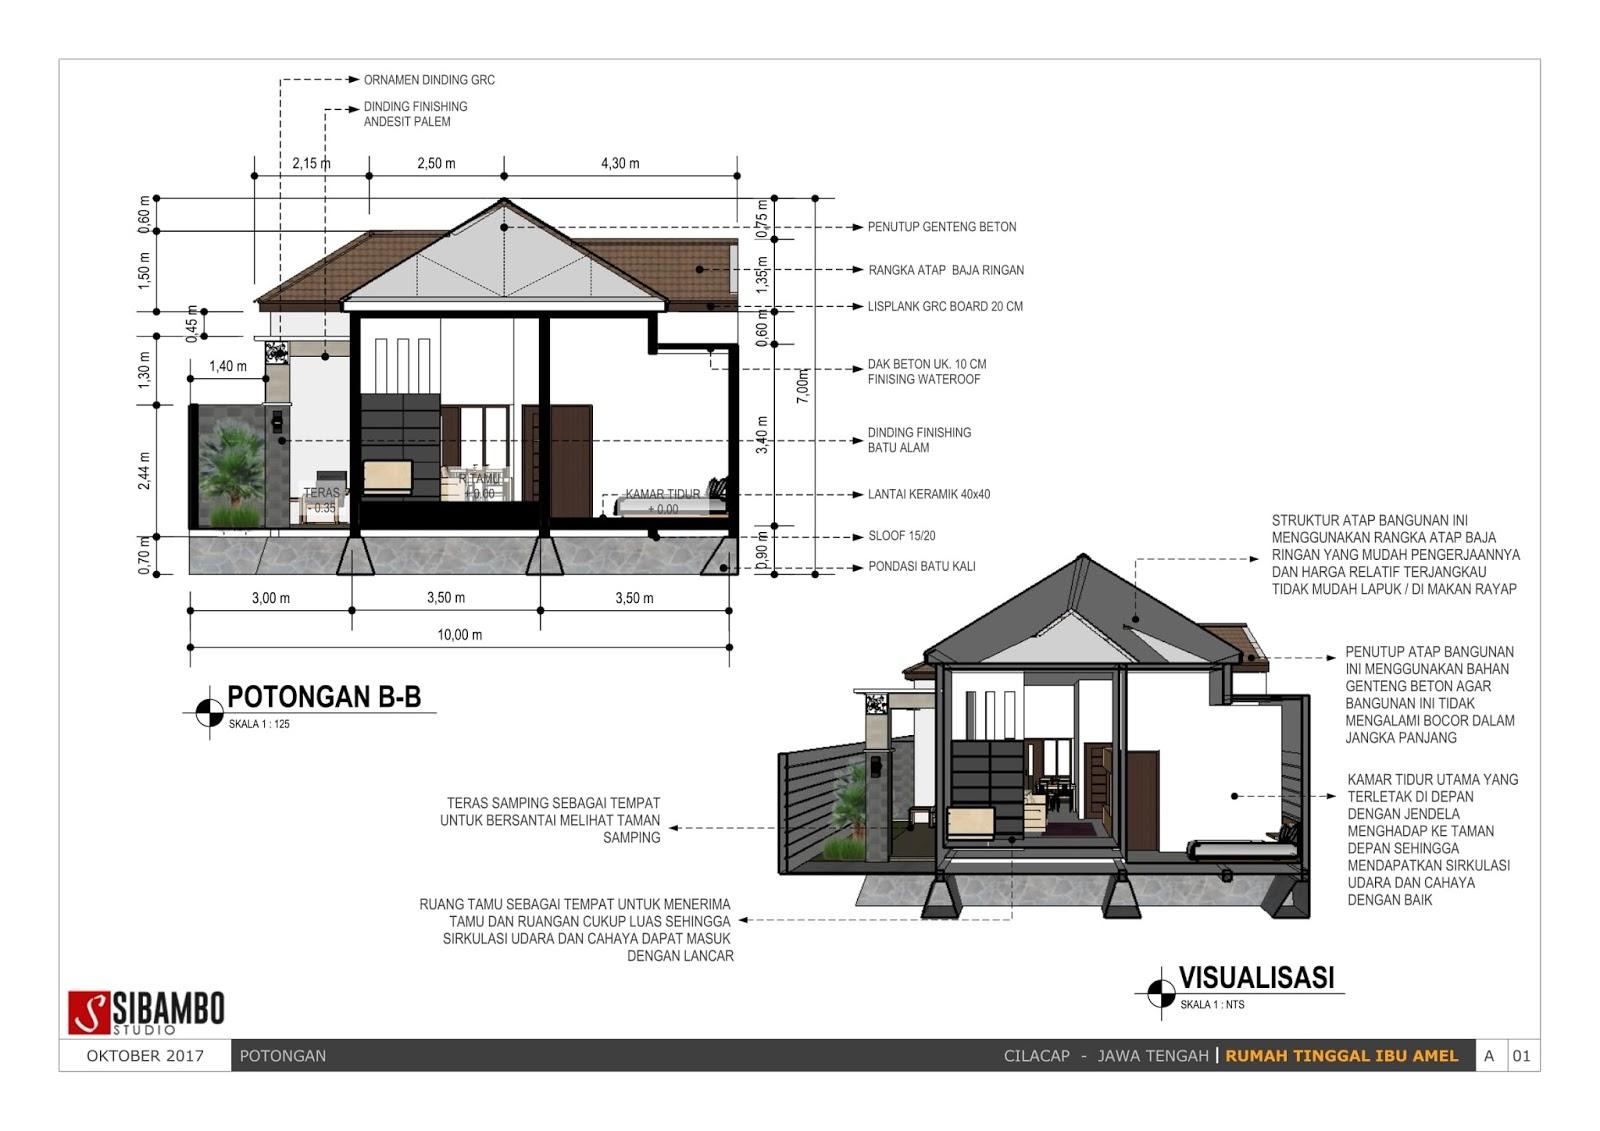 Gambar Desain Rumah Minimalis 10 X 10 | Wallpaper Dinding